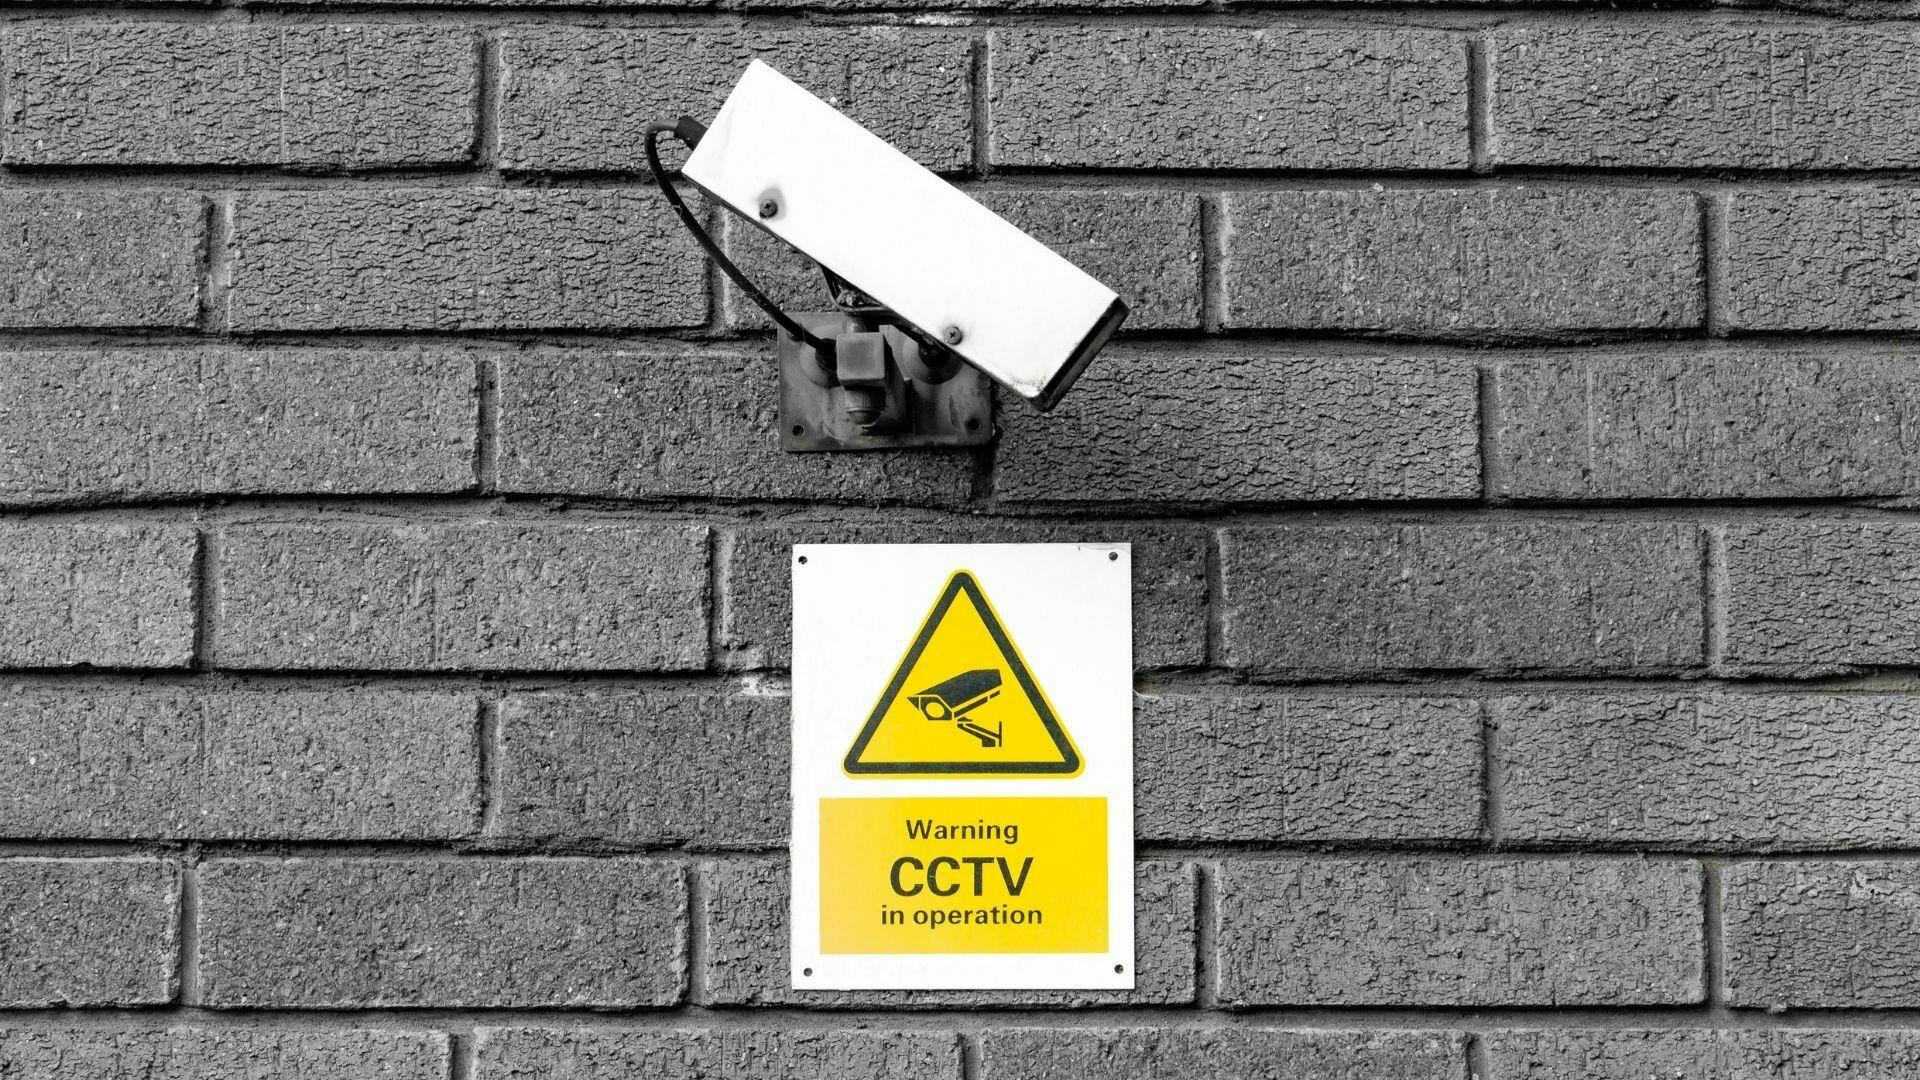 Install CCTV